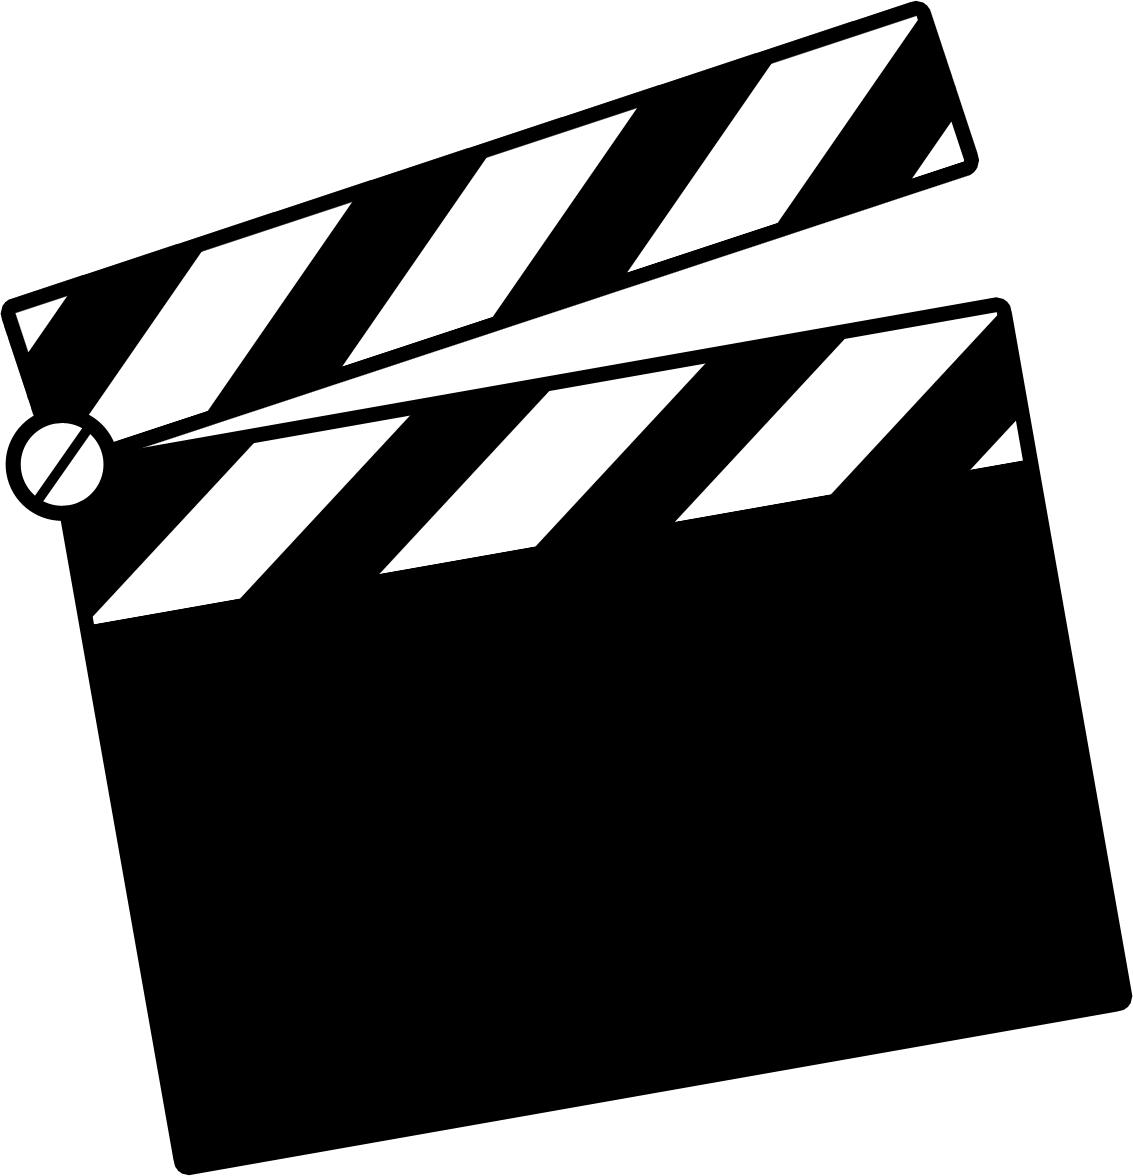 Movie Clapper Board Clipart.